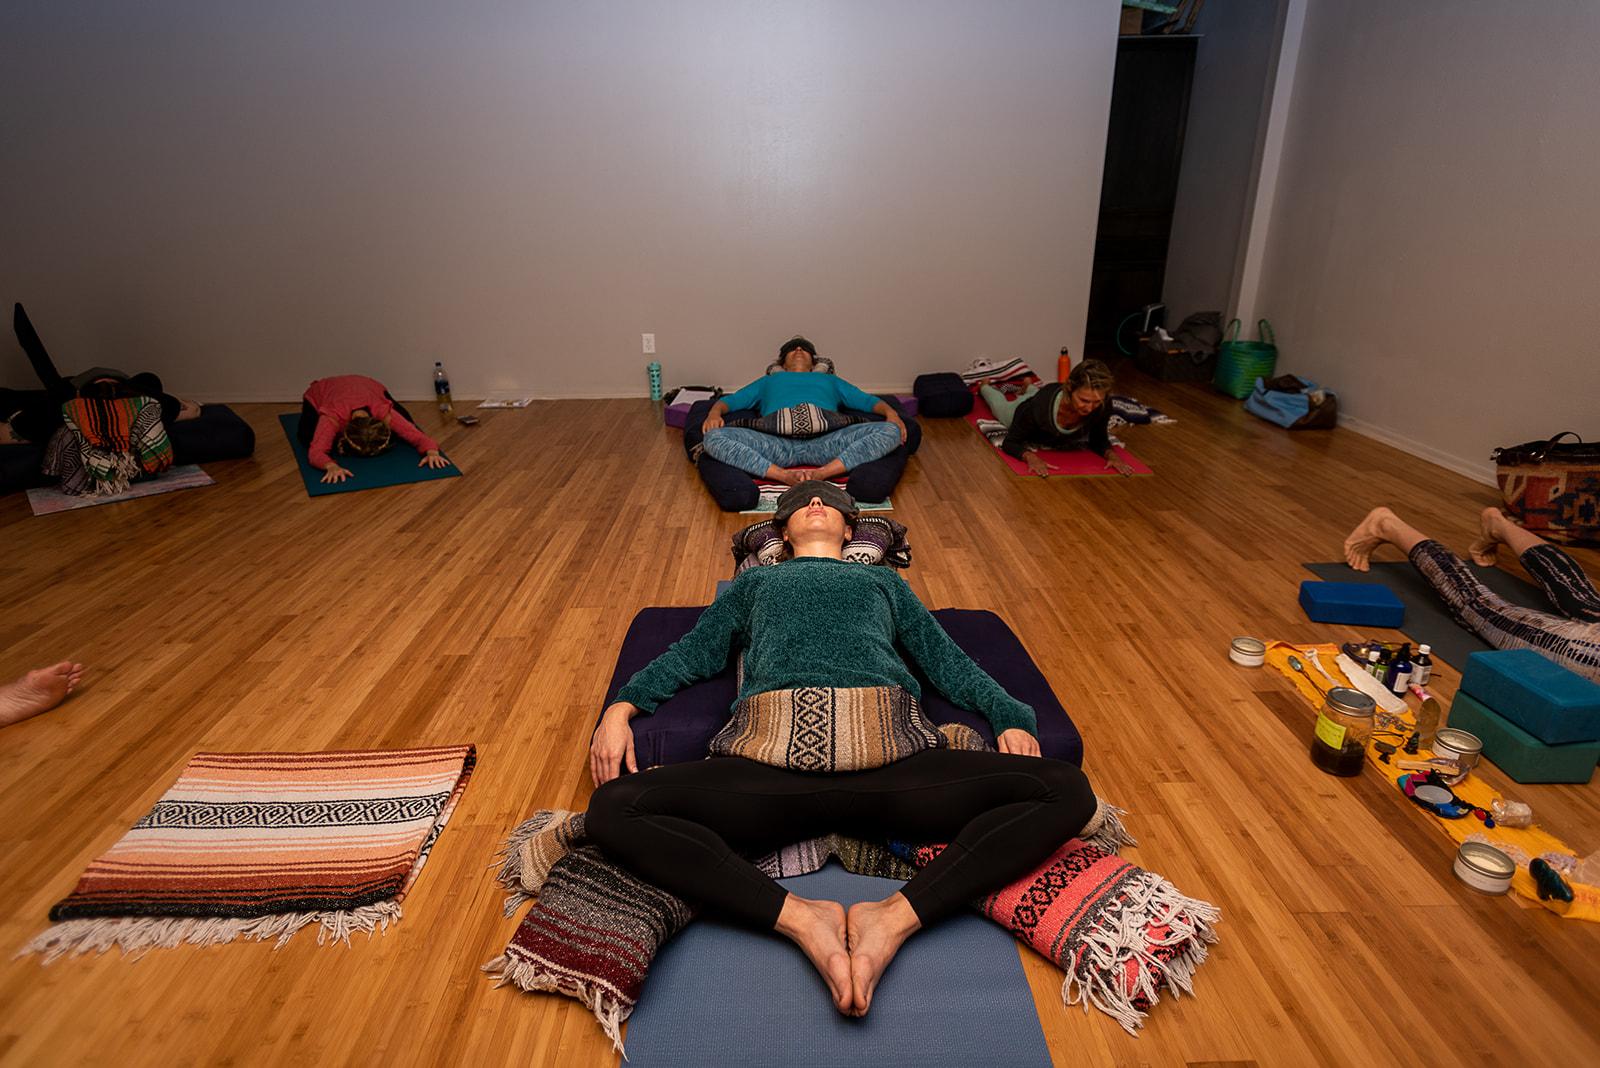 Photos: 5 Elements Yin Yoga Teacher Training - Sedona, Arizona, September 13-19, 2019  Captured by: @katemichelleyosemite